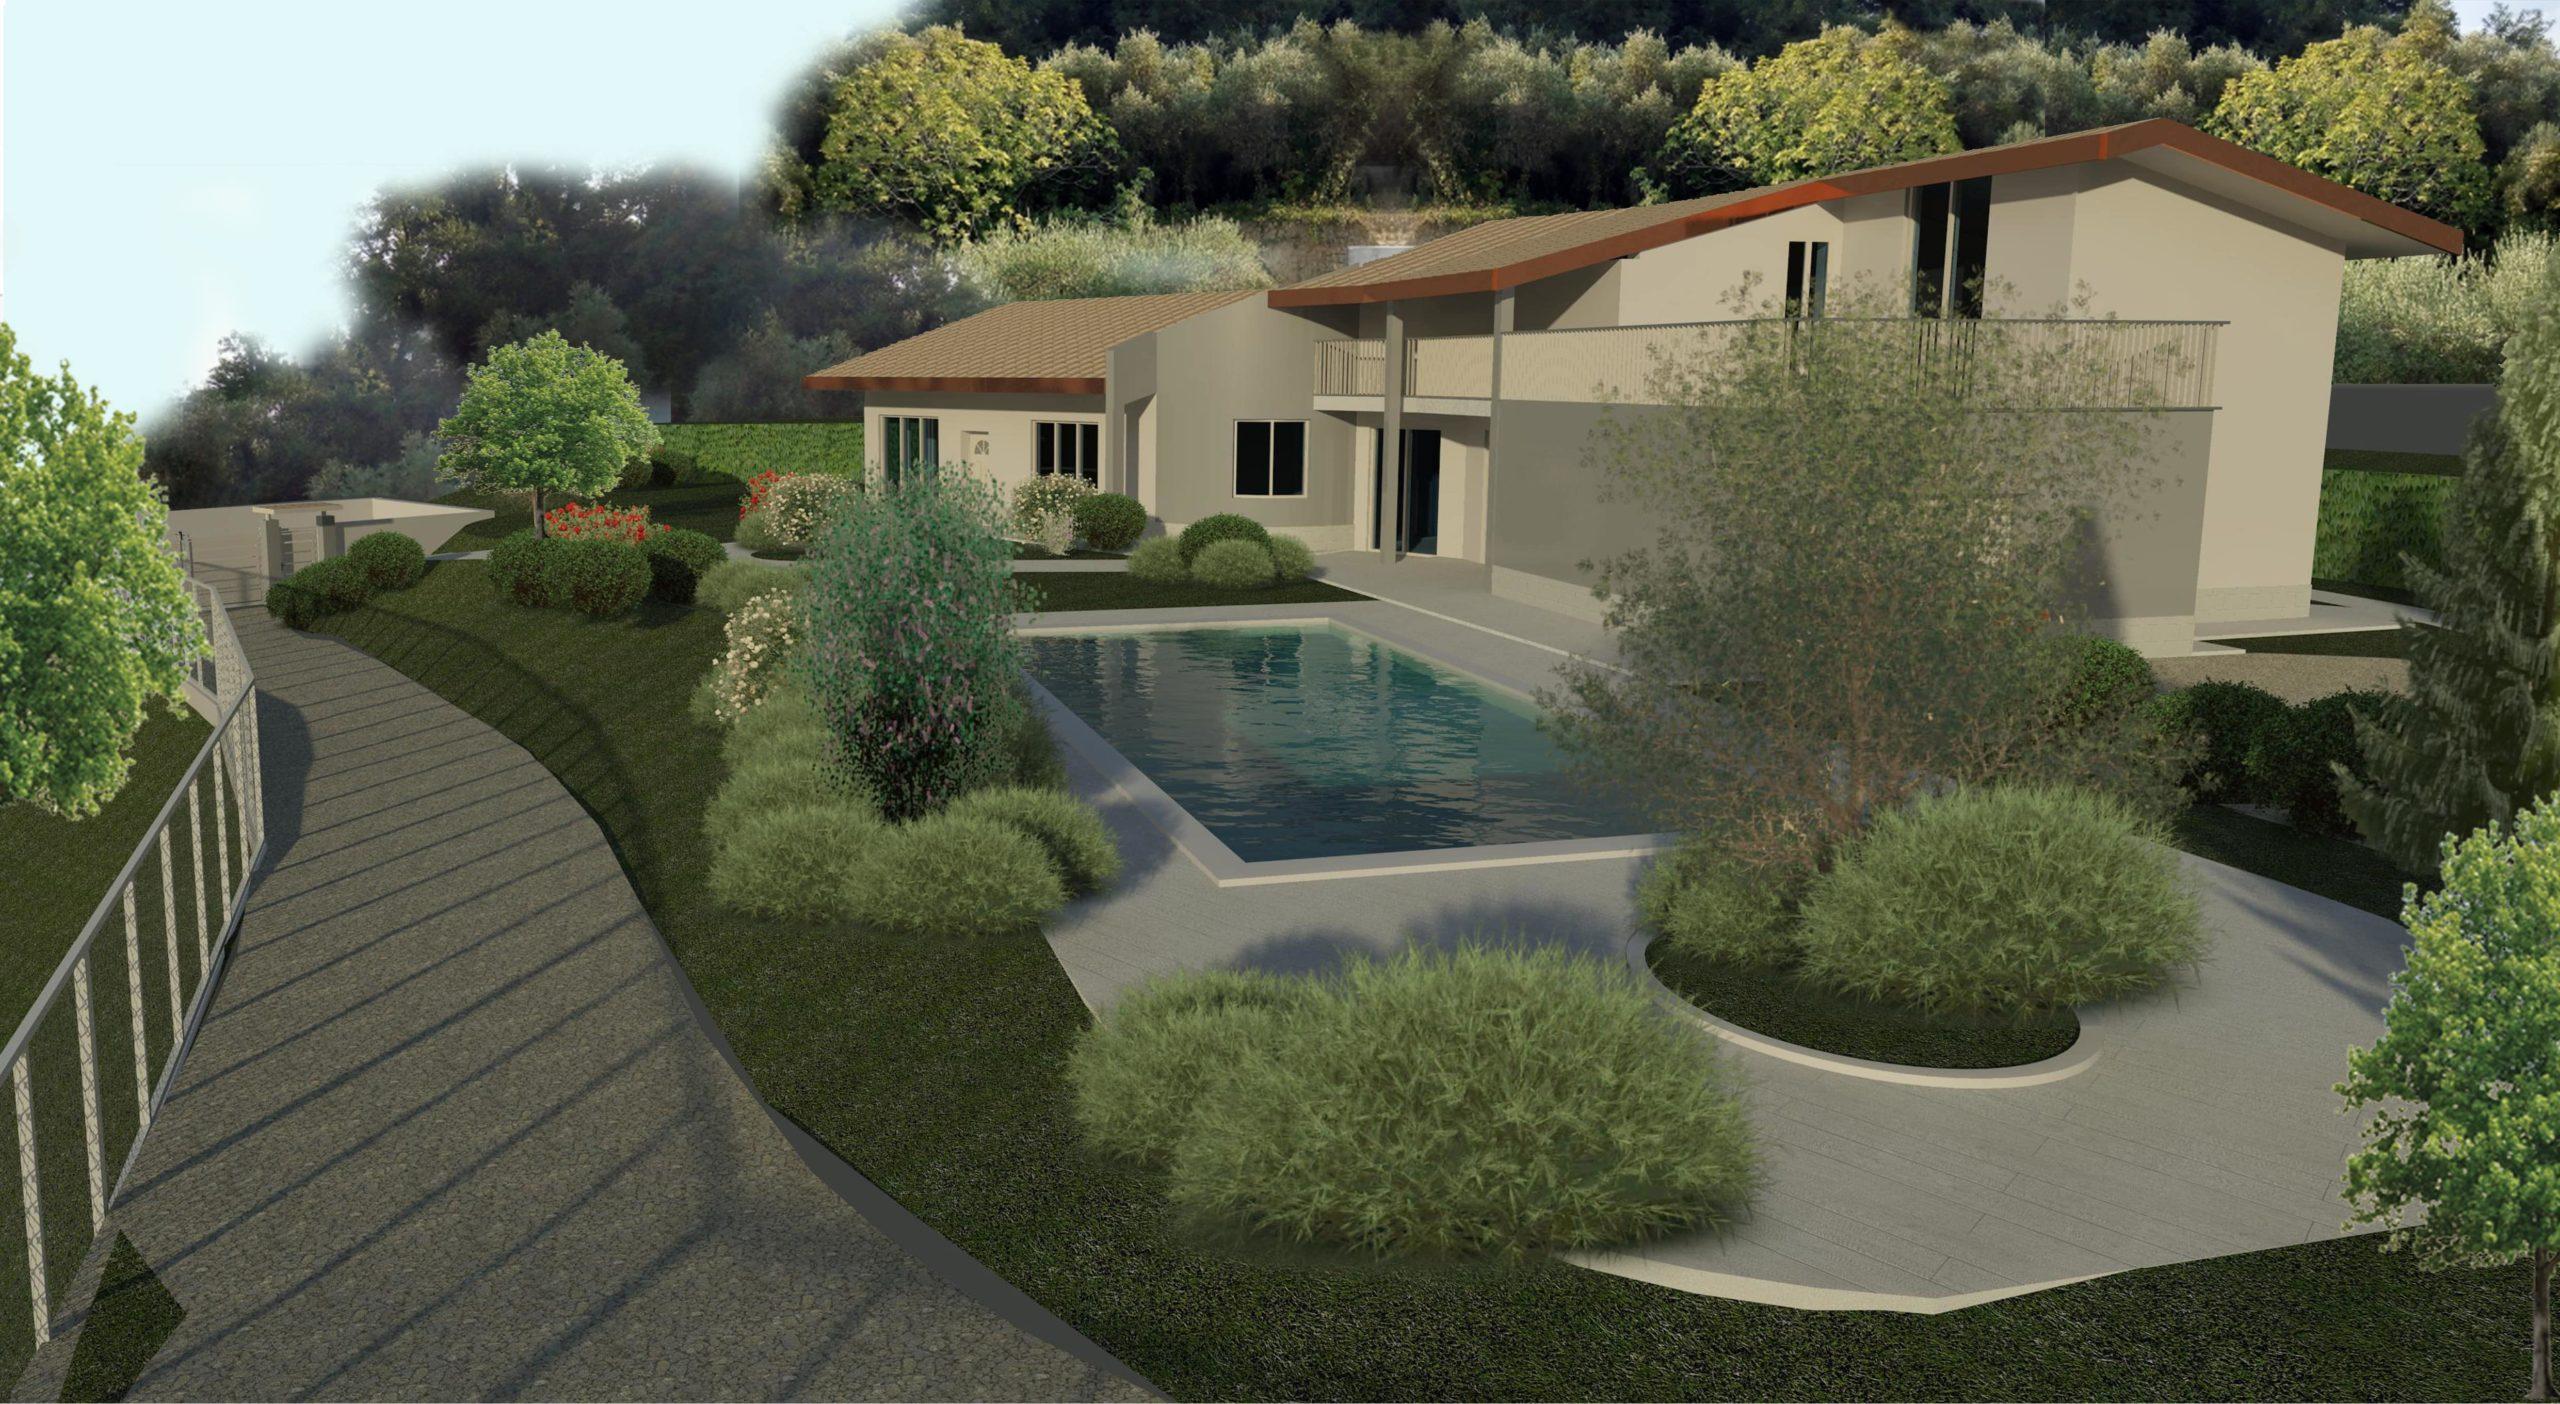 Villetta Unifamiliare - Mercurio Architettura Ingegneria